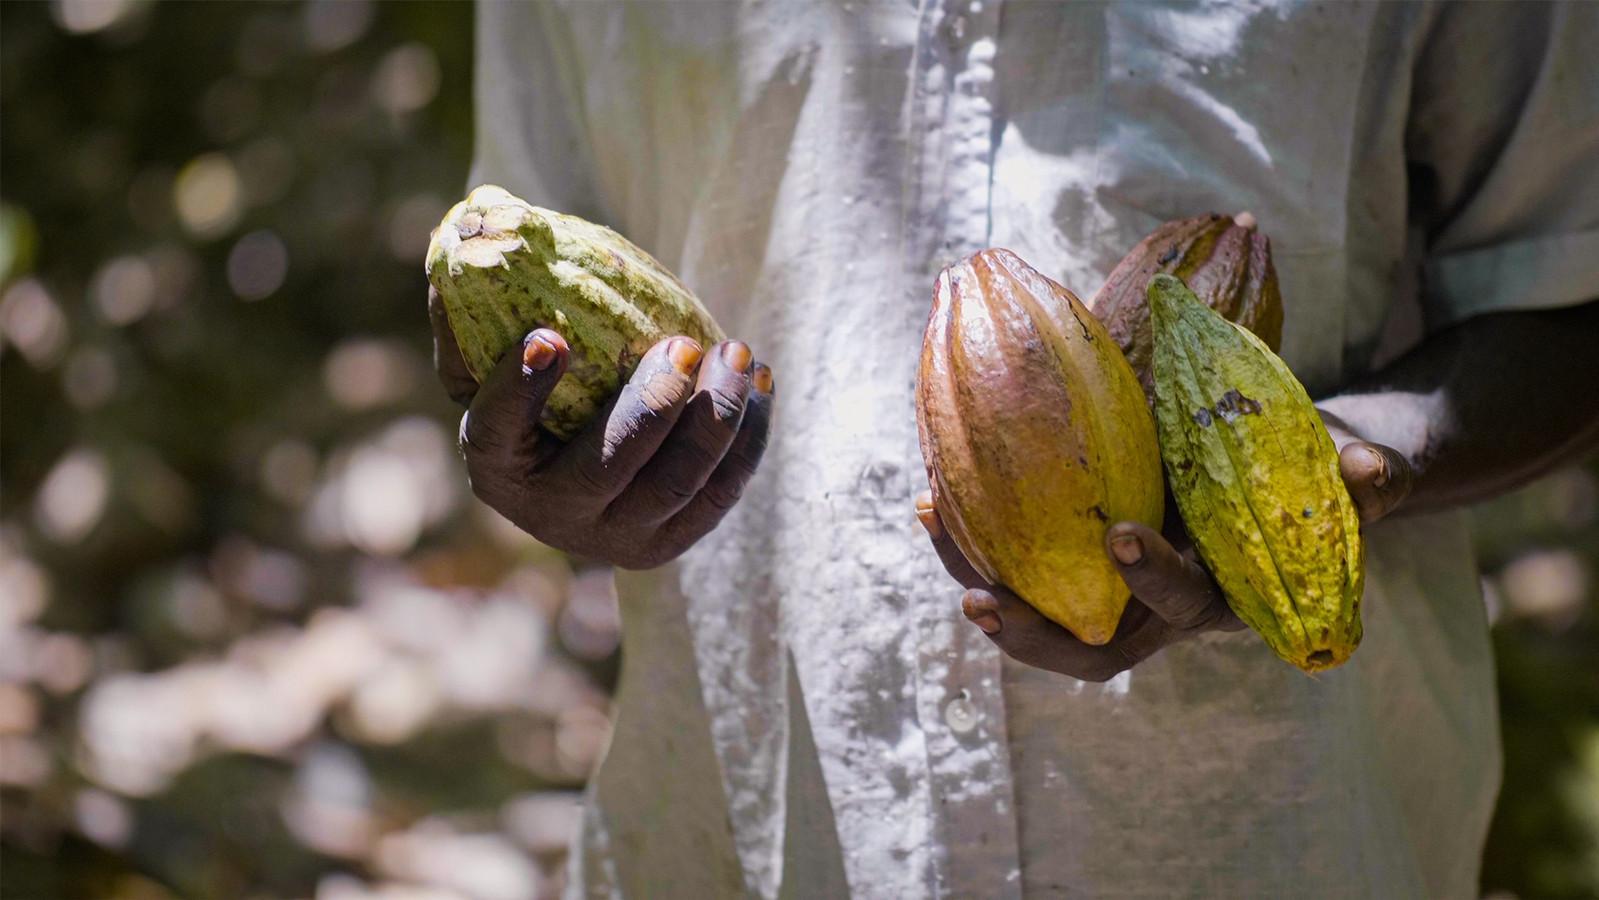 Non seulement les cacaoyers sont bénéfiques pour l'environnement, mais en plus ils permettent de faire vivre les communautés locales où ils sont plantés.